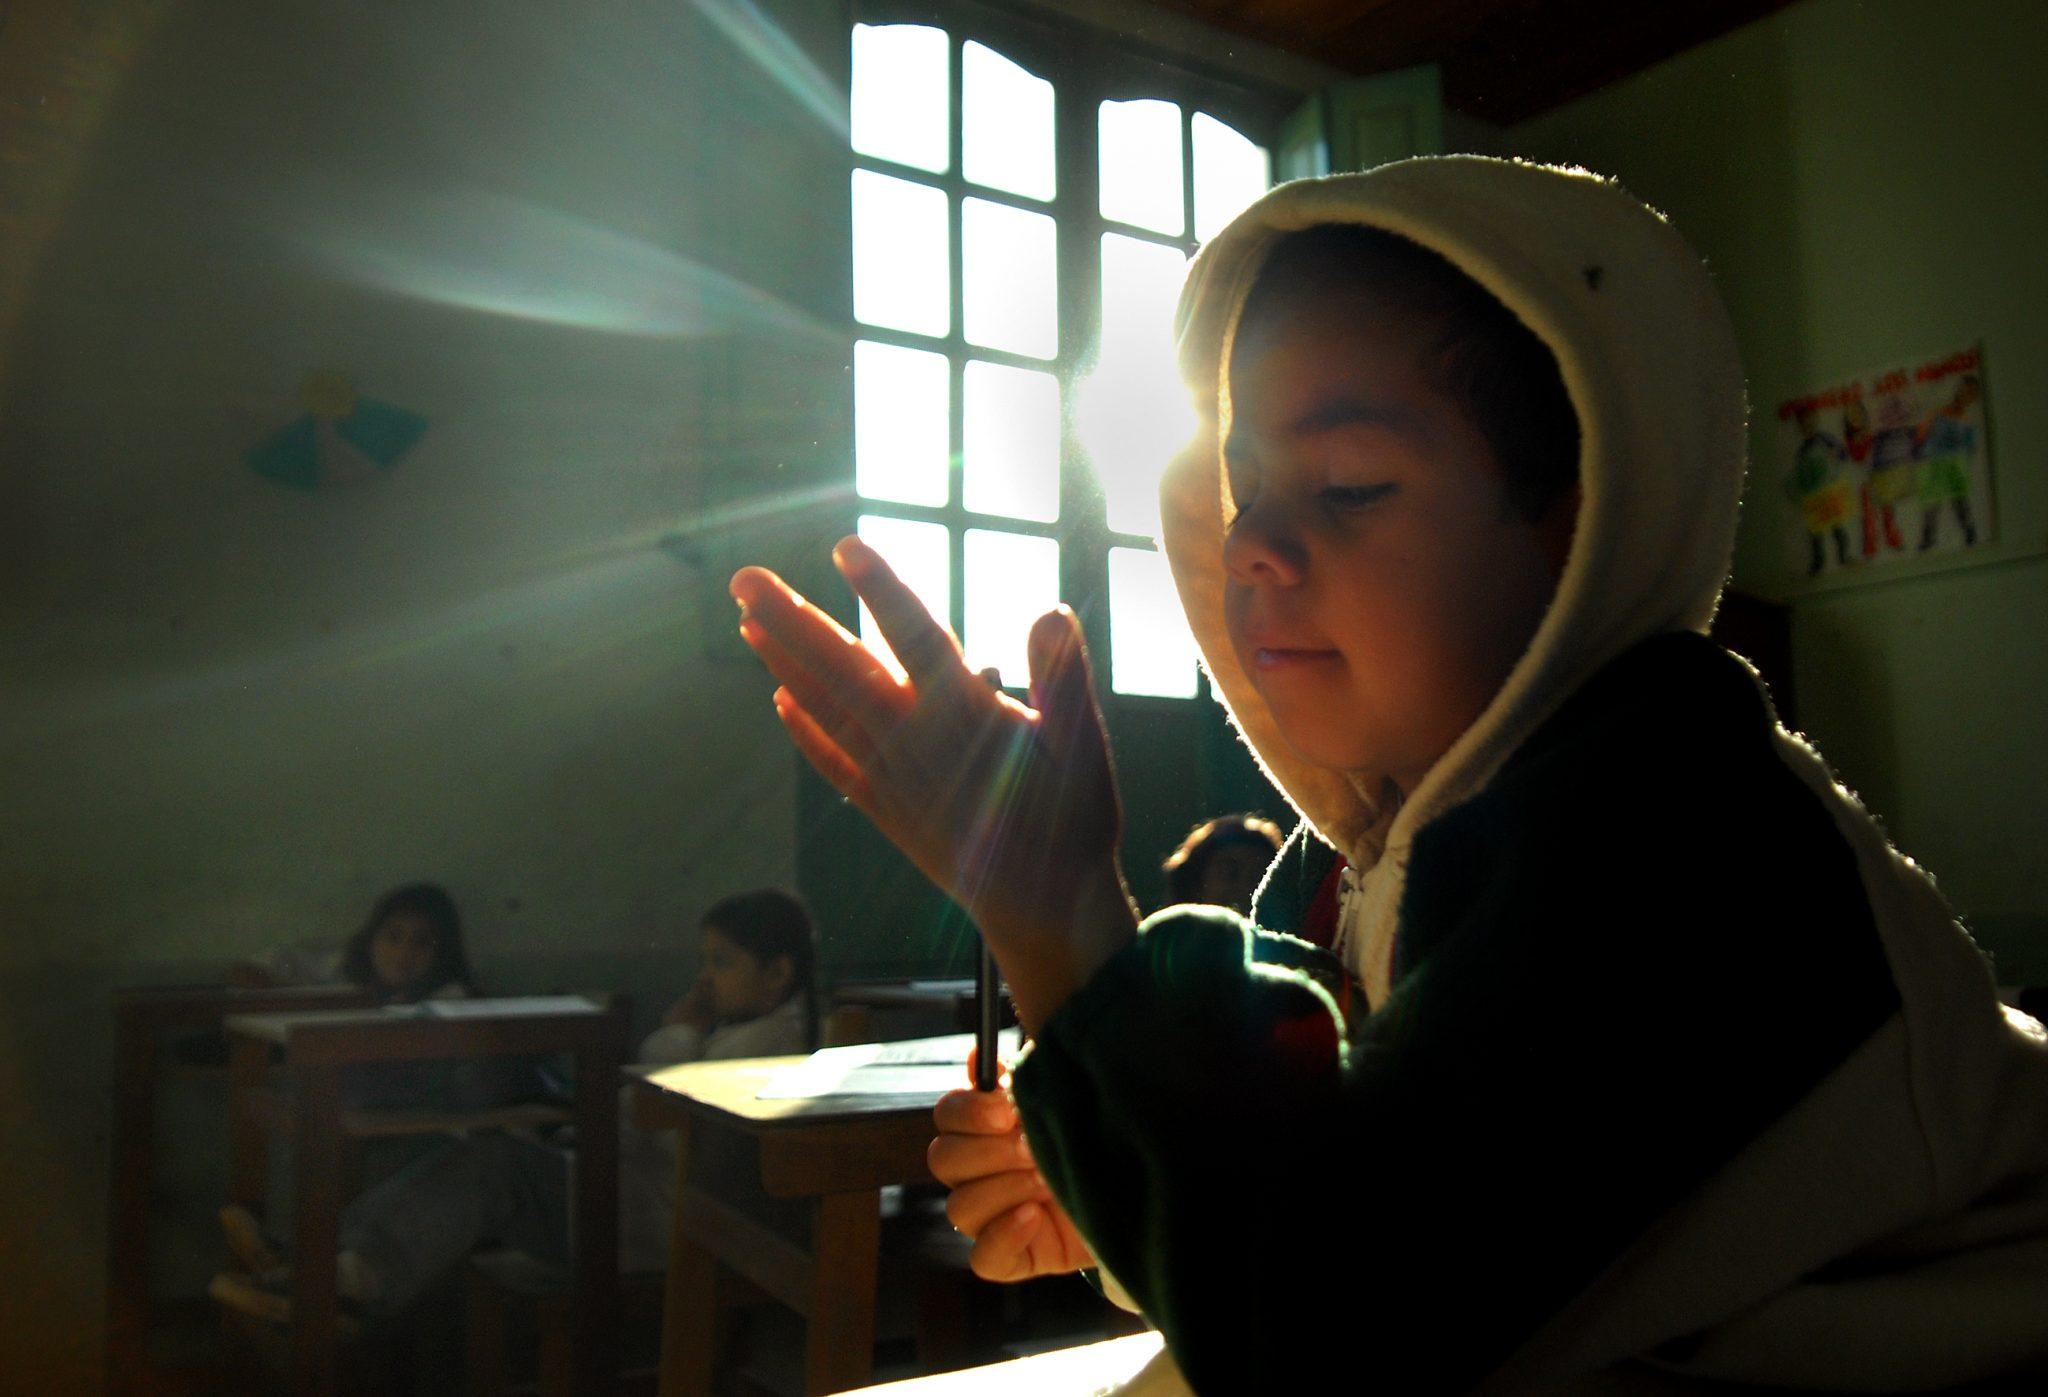 Nueve puntos fundamentales para construir una Educación Emancipadora